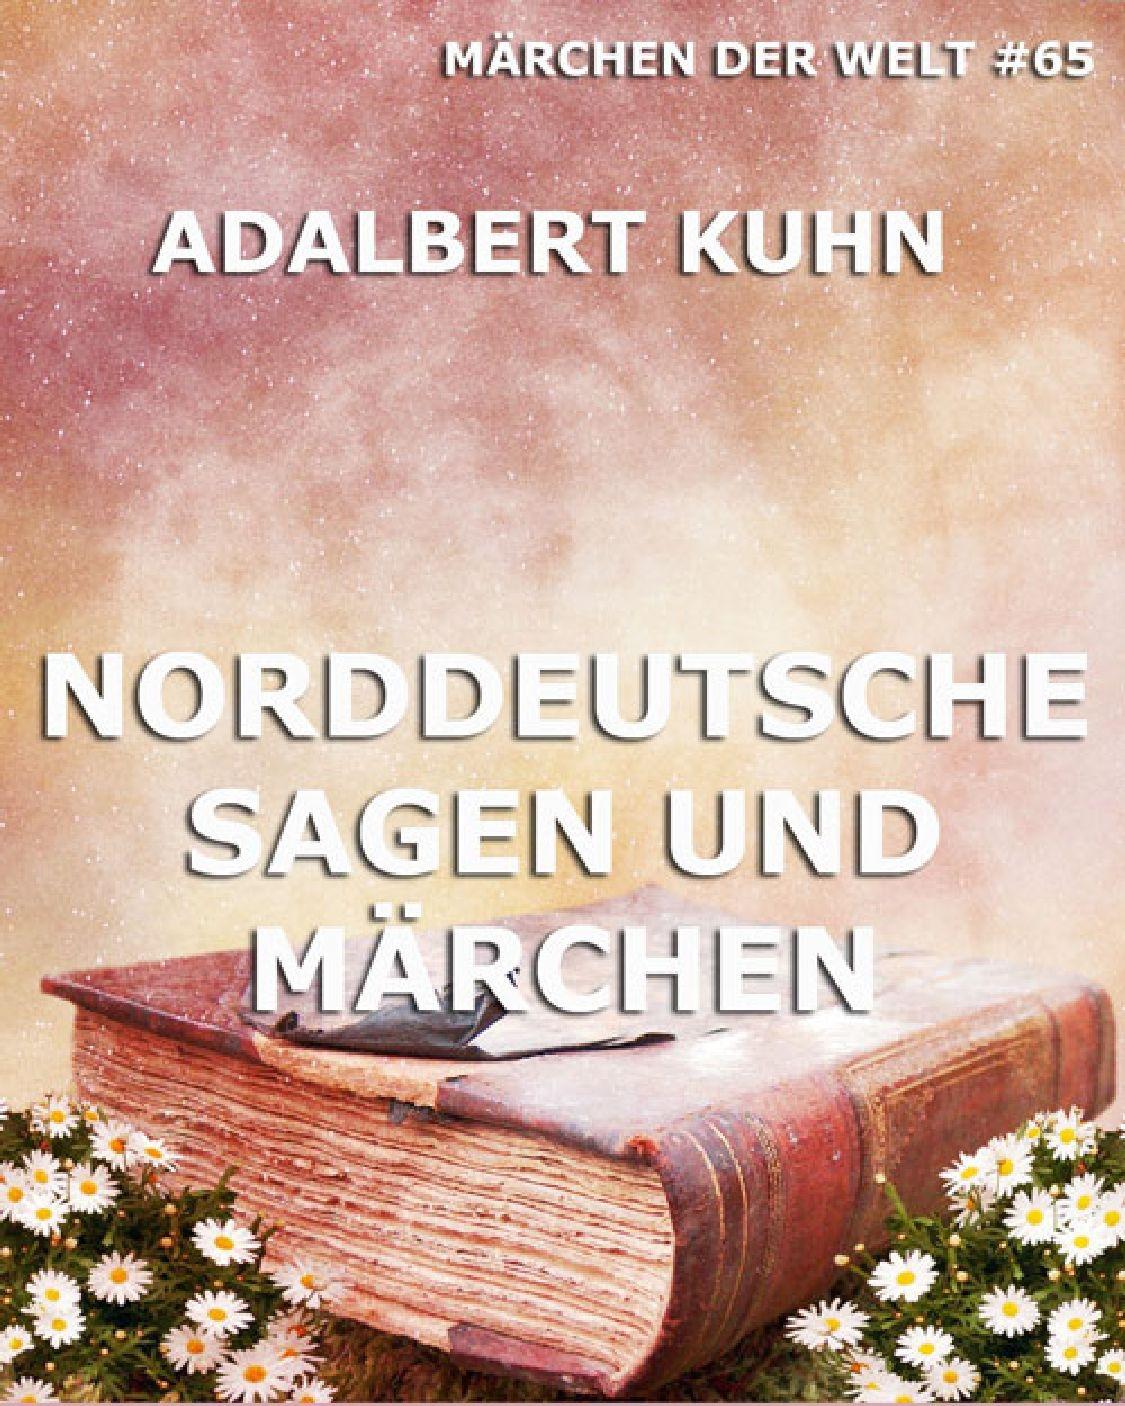 Adalbert Kuhn Norddeutsche Sagen und Märchen